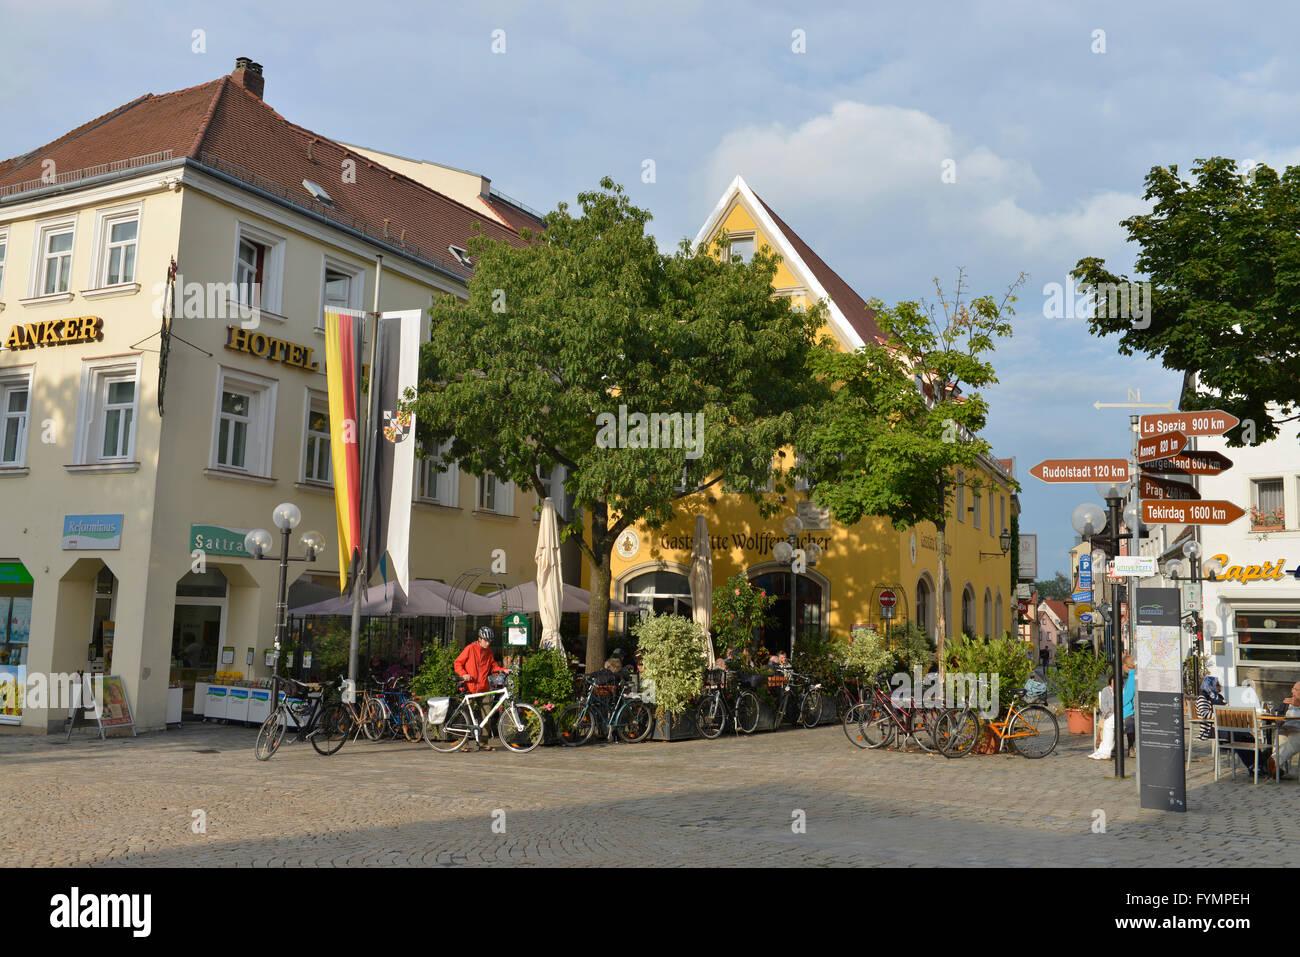 Altstadt, Bayreuth, Bayern, Deutschland - Stock Image